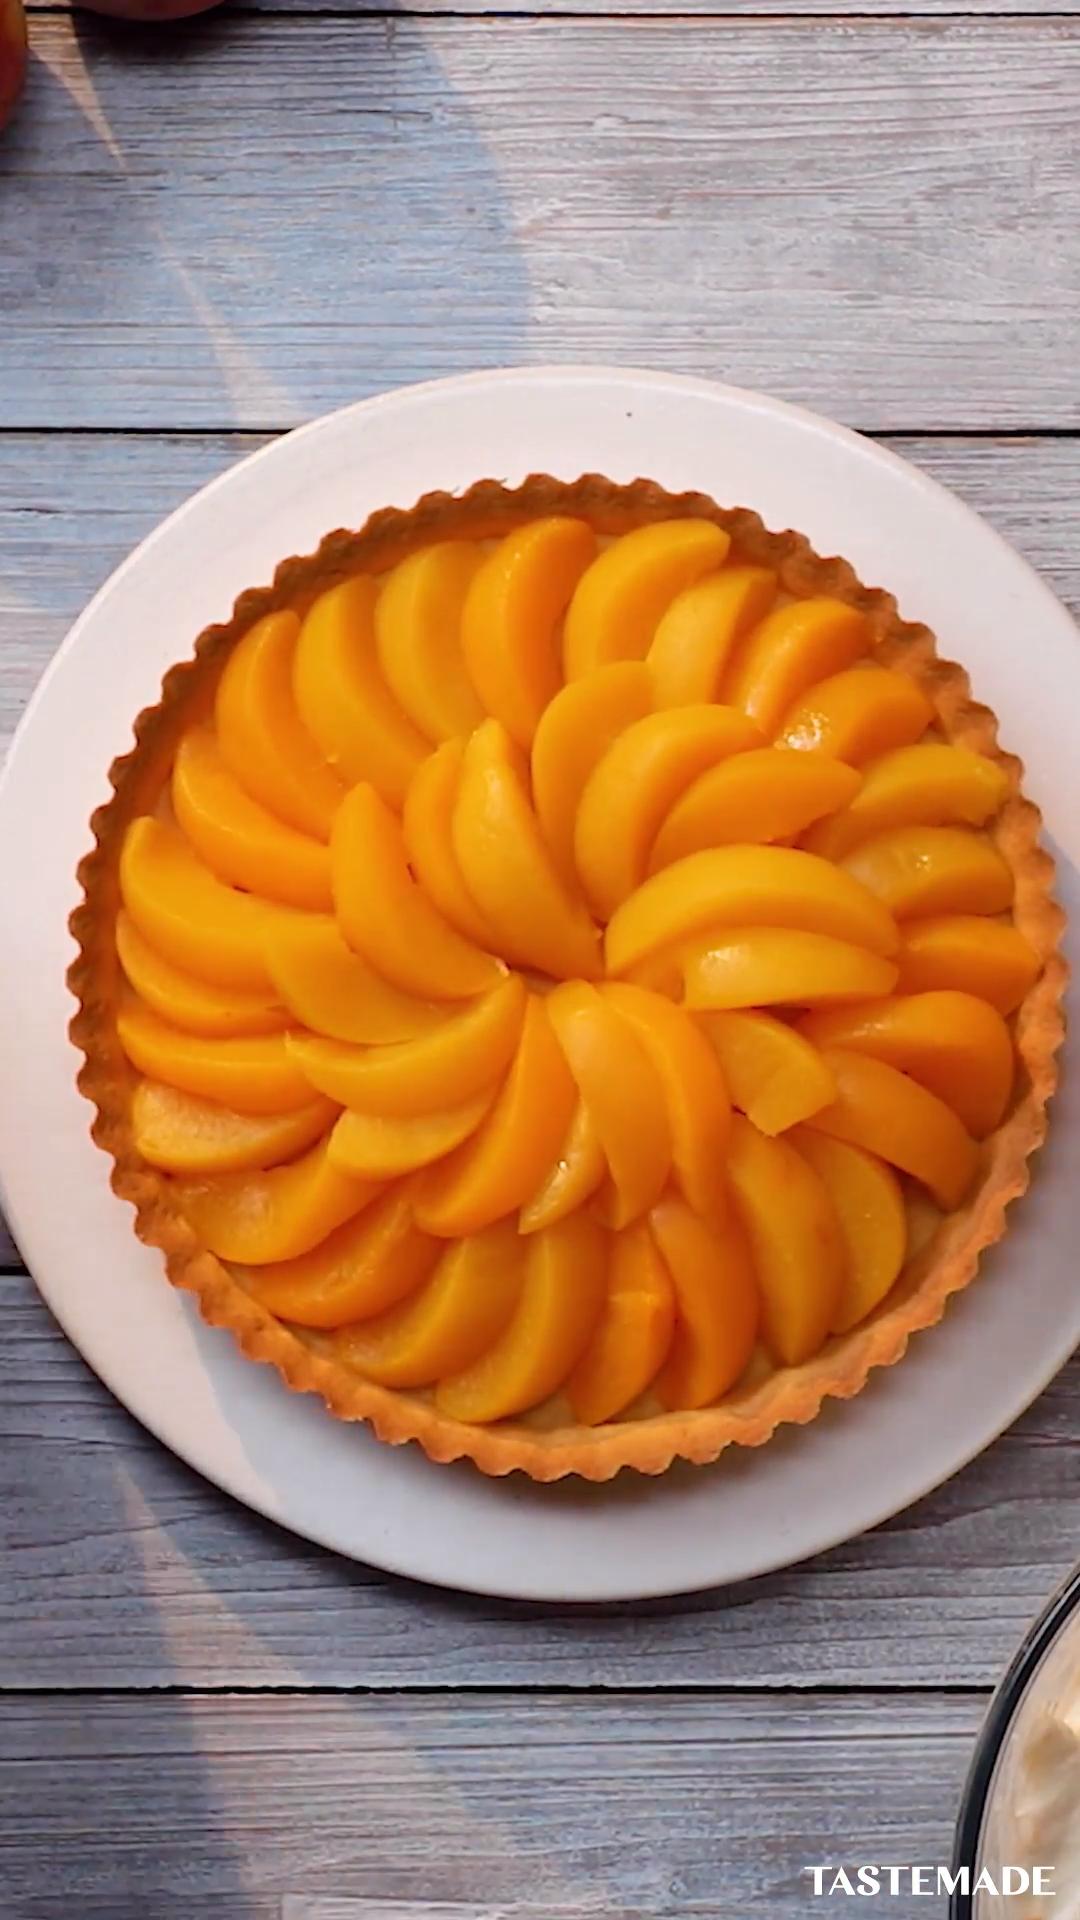 4 Ingredient No Bake Peach Pie Recipe In 2020 Peach Pie